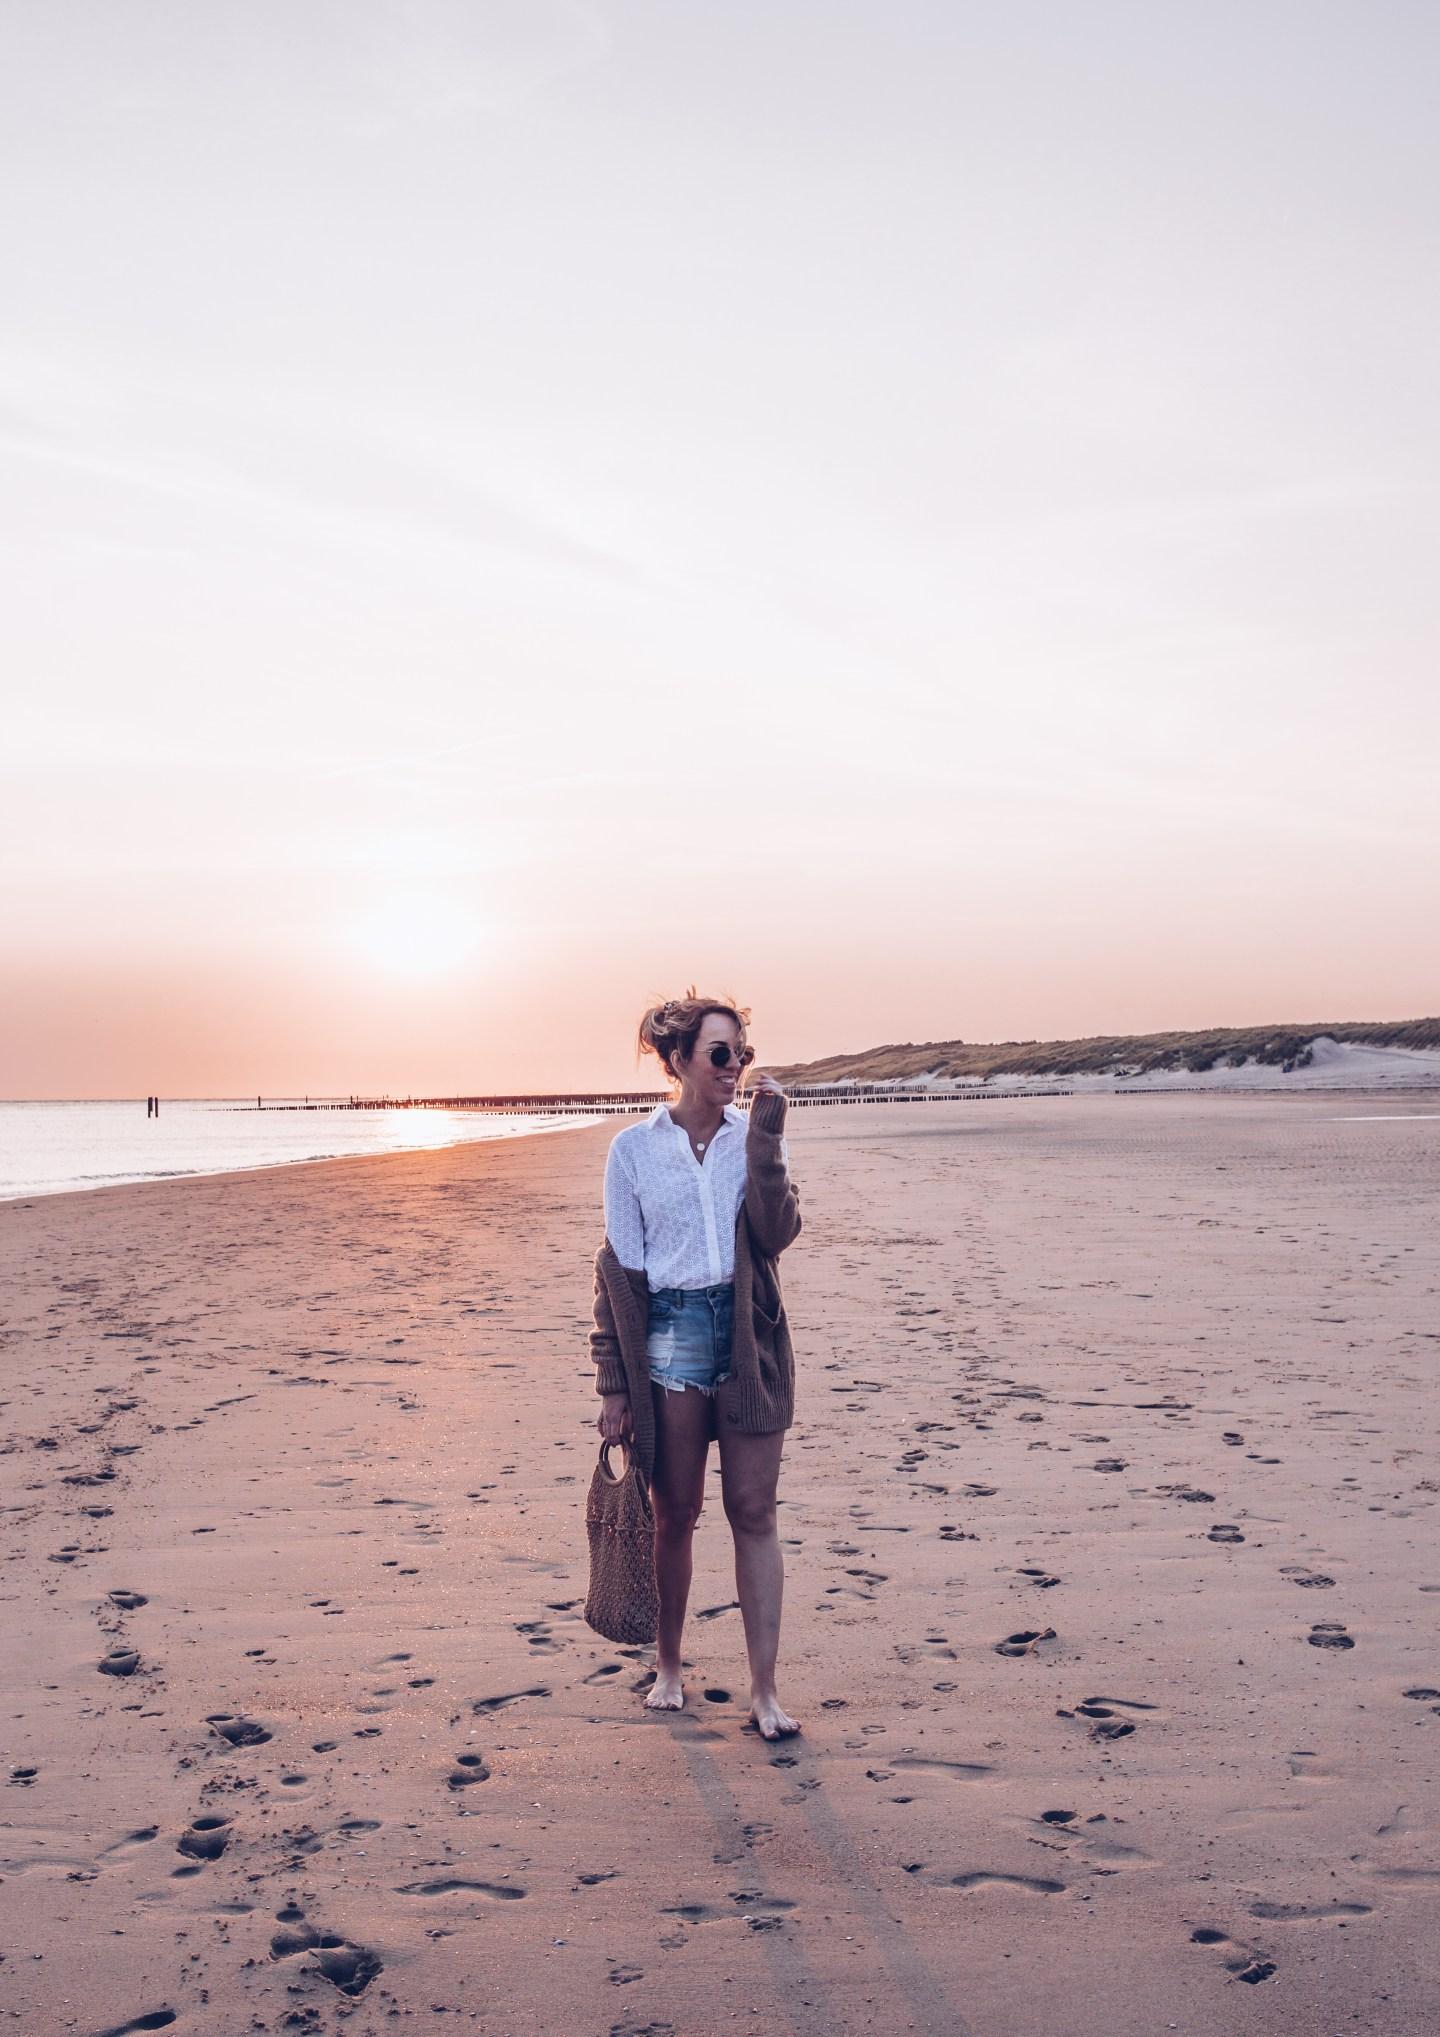 zonsondergang op het strand kijken